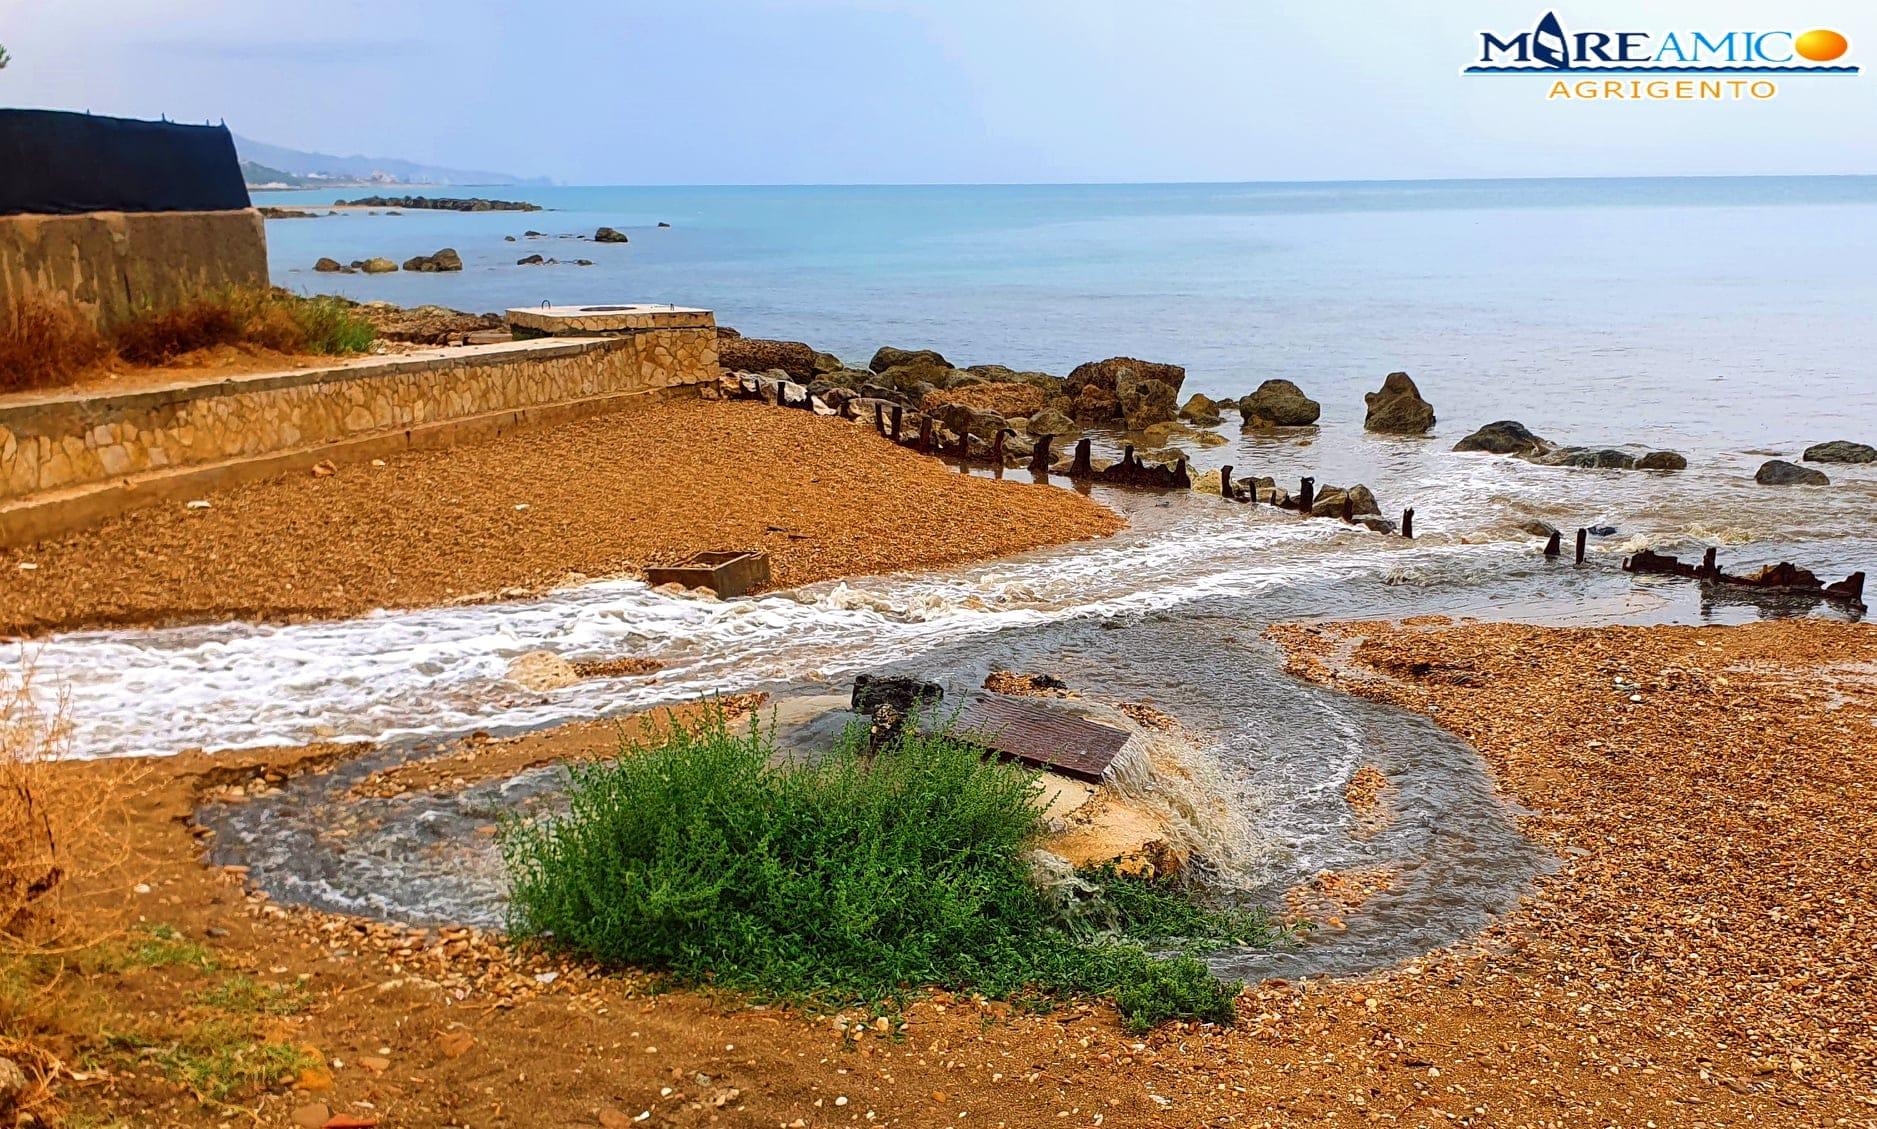 Maltempo in Sicilia, pochi minuti fanno saltare le fogne ad Agrigento: finite in mare acque nere